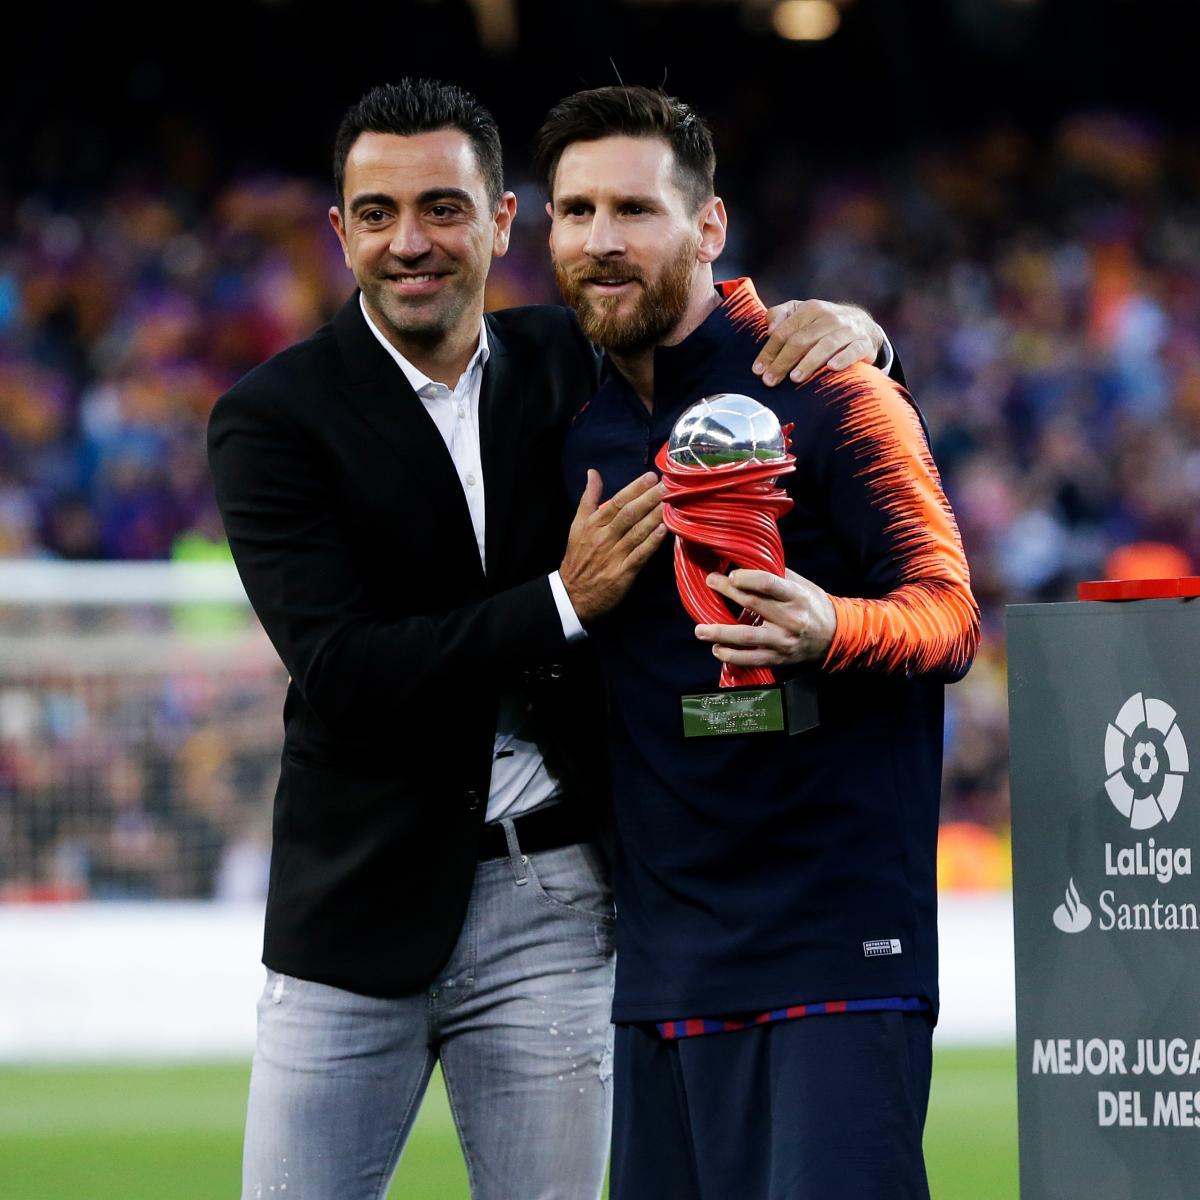 La Liga: Lionel Messi Top La Liga Scorer For 6th Time, Wins 5th